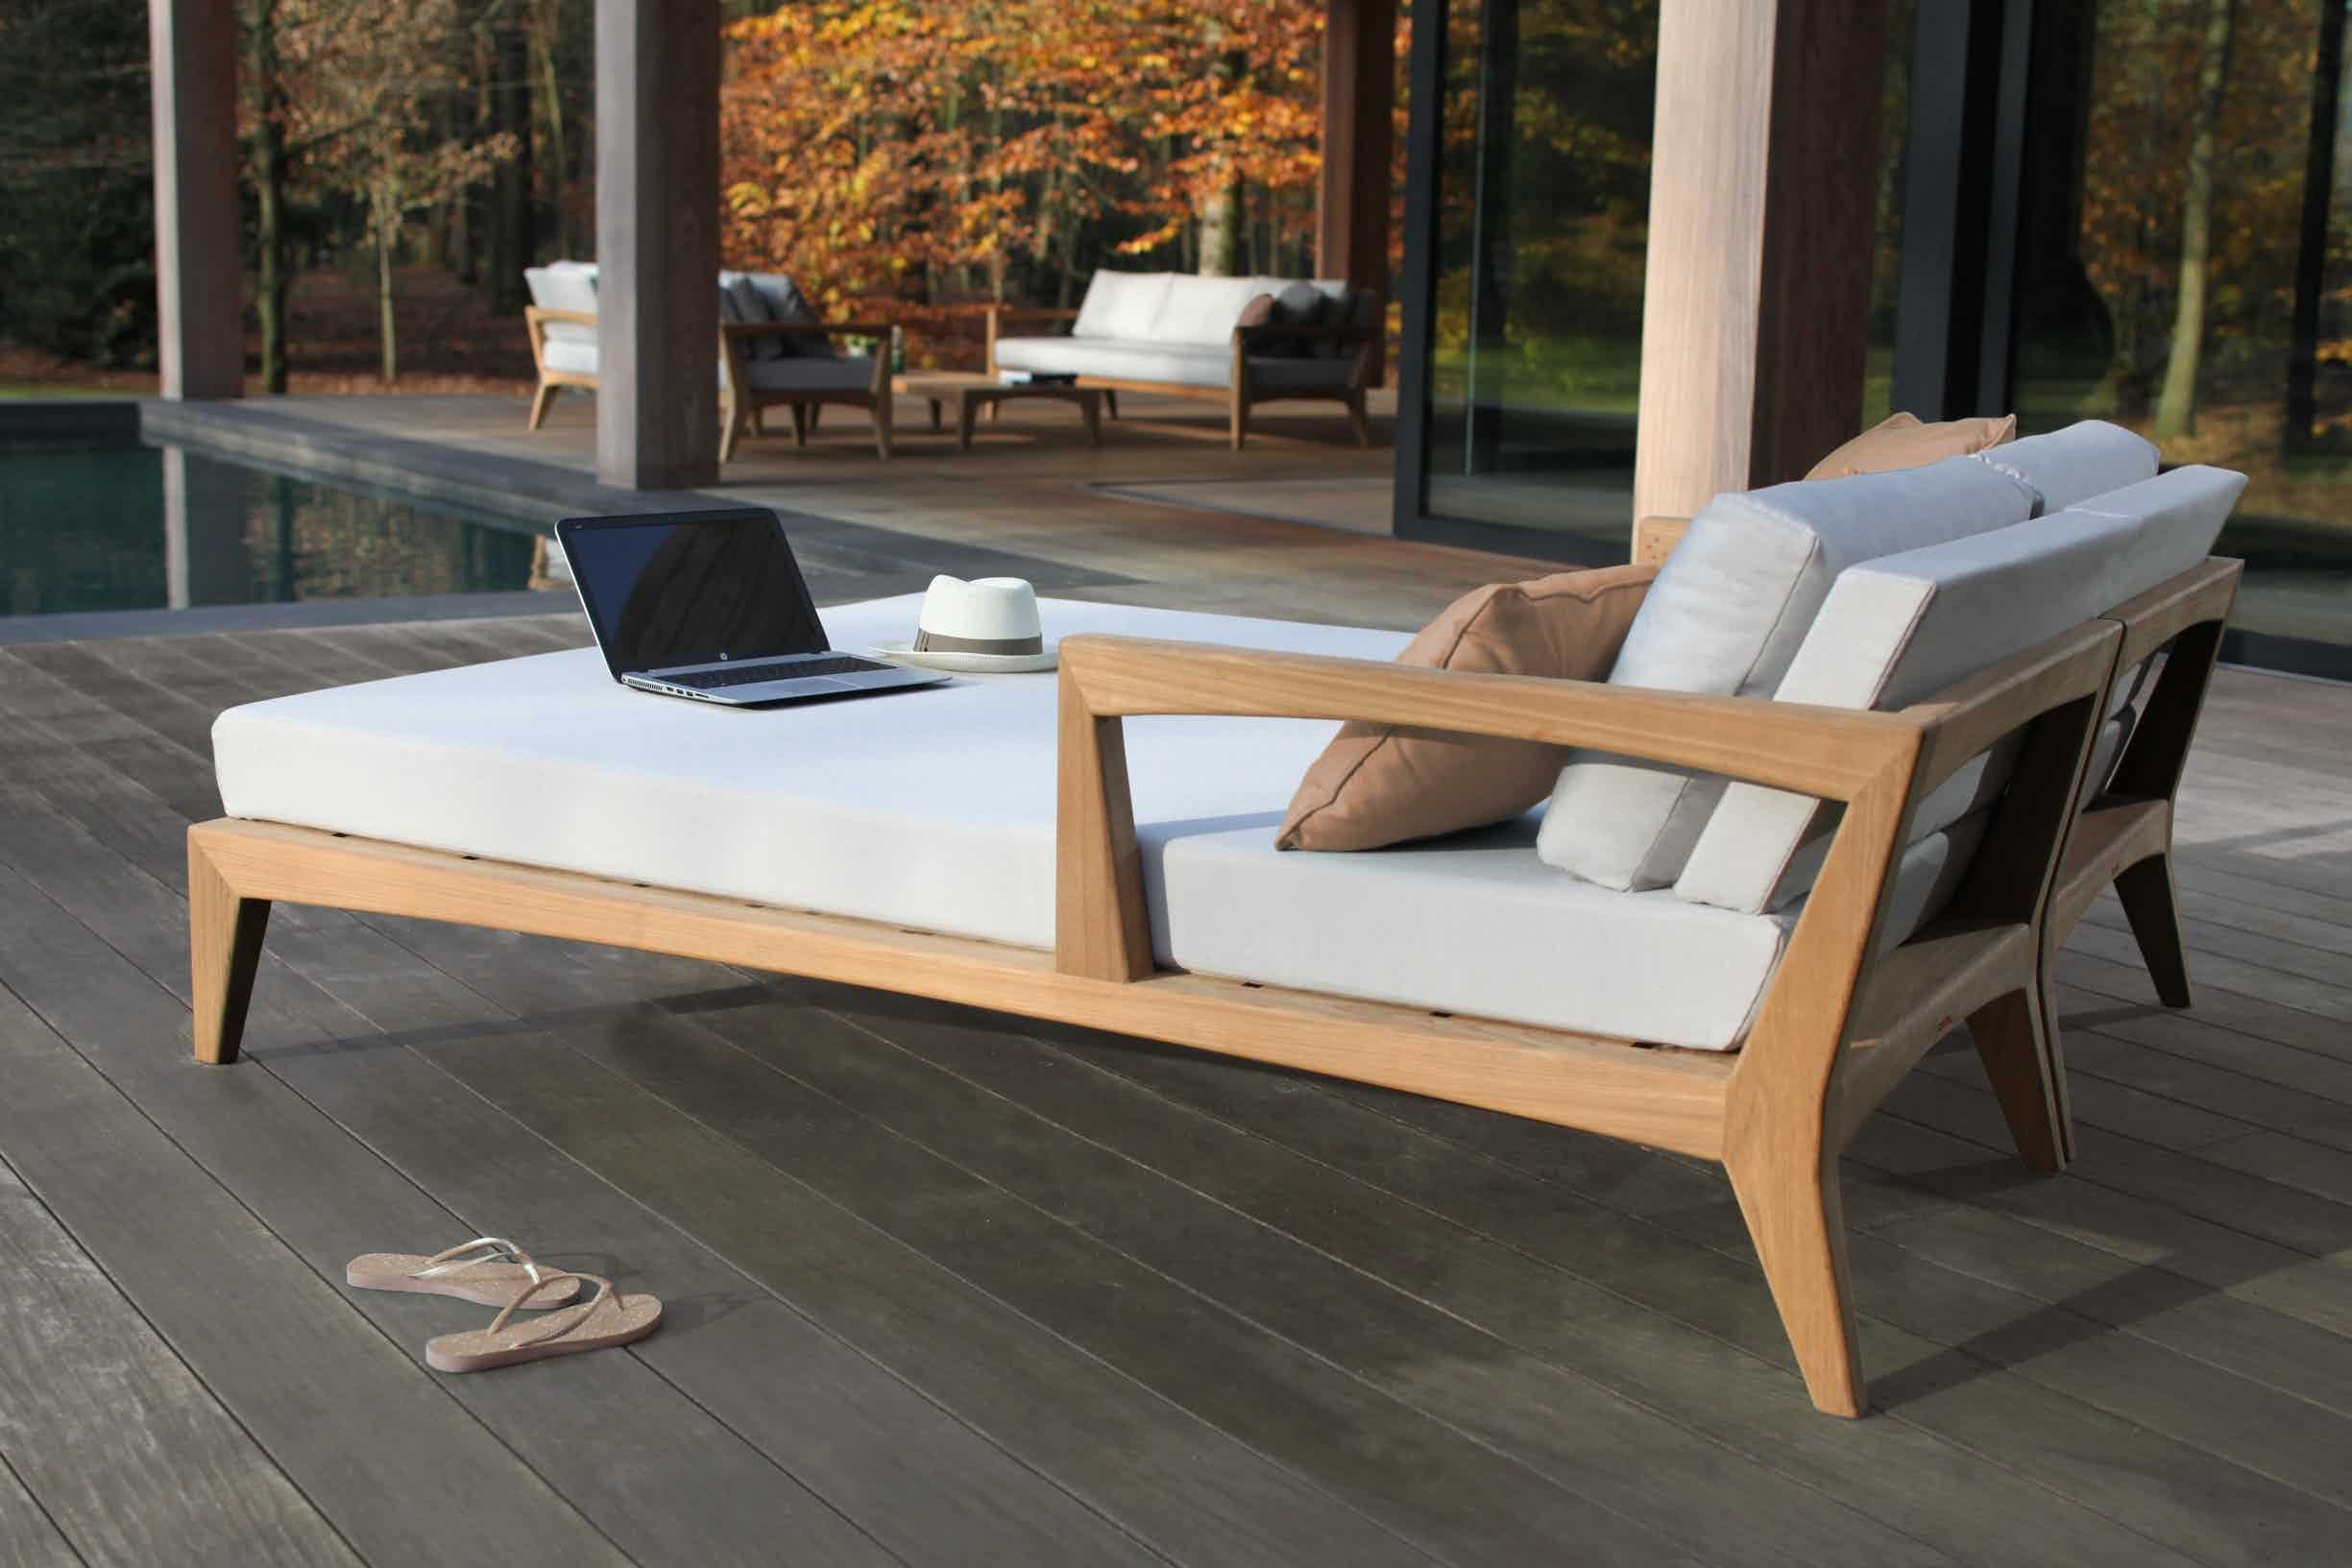 Zenhit Daybed By Royal Botania Teak Patio Furniture Outdoor Furniture Royal Botania